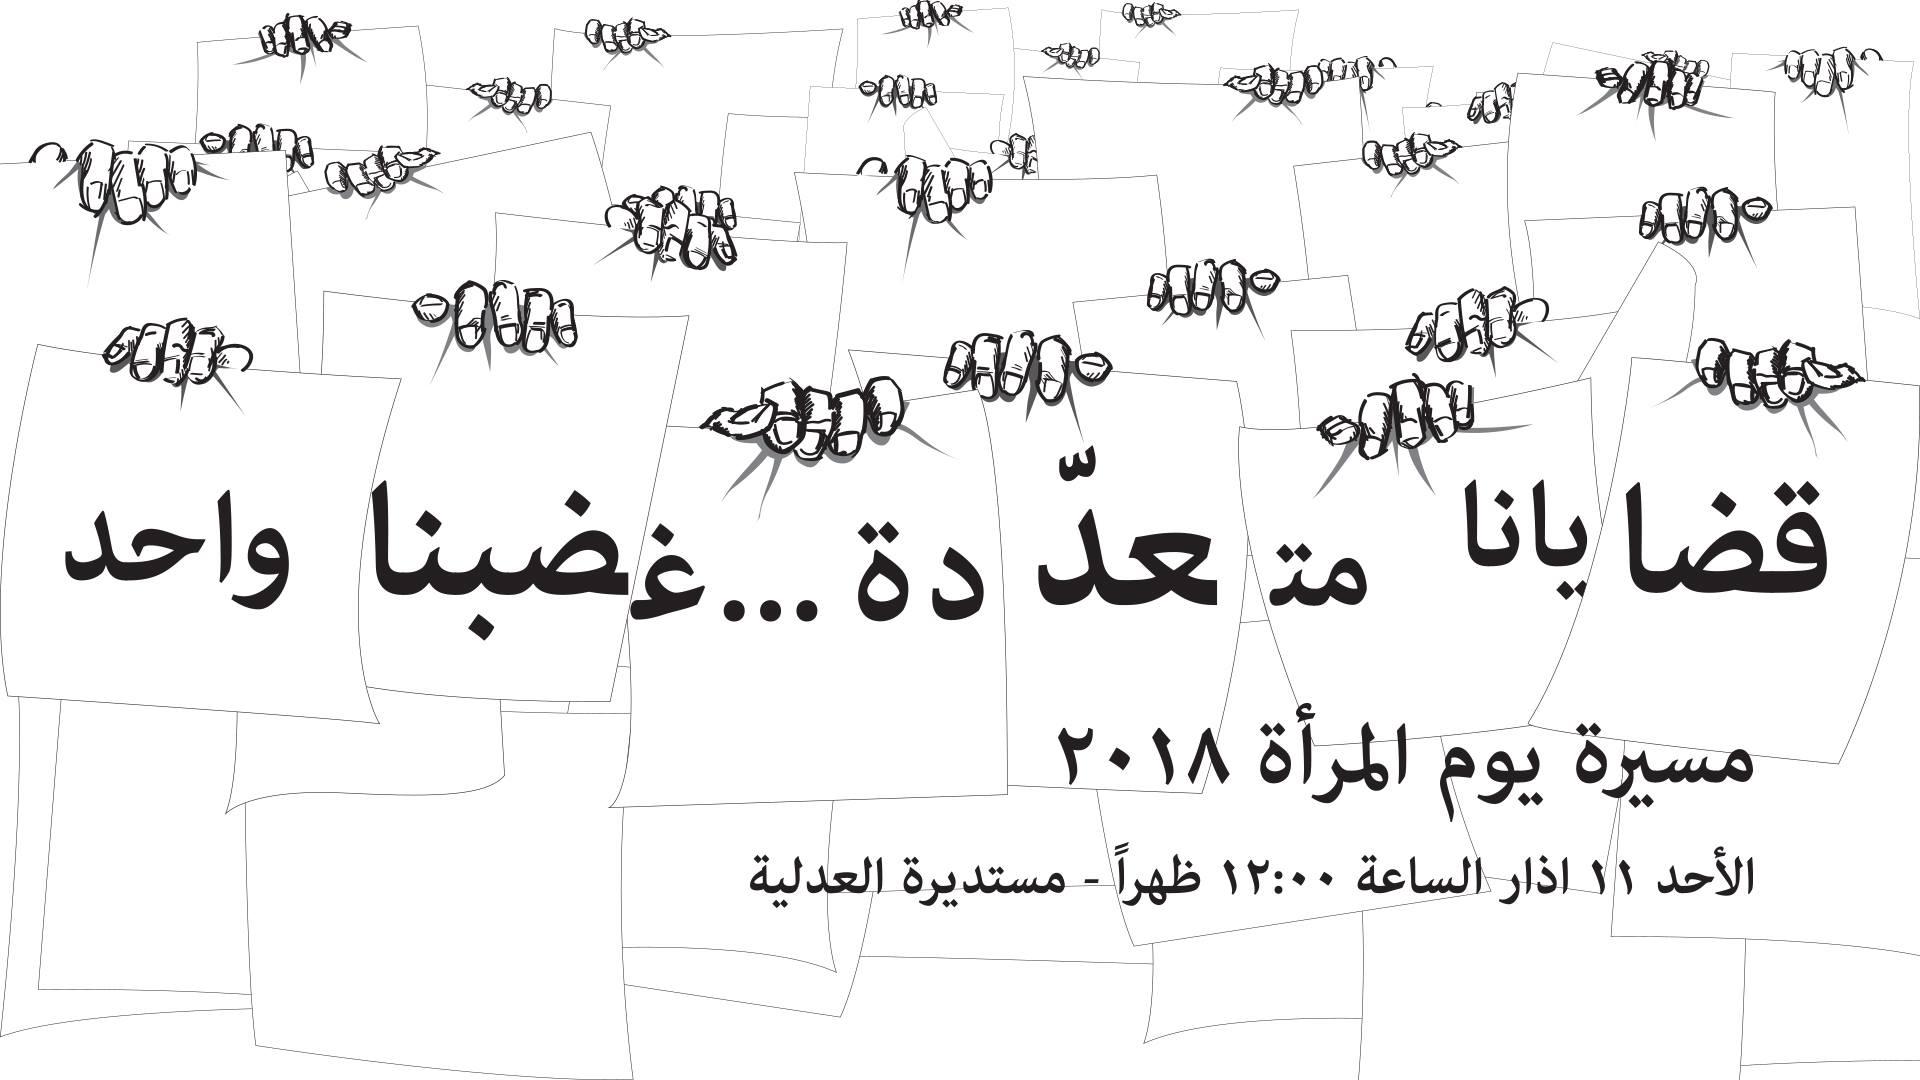 مسيرة في بيروت بمناسبة اليوم العالمي للمرأة